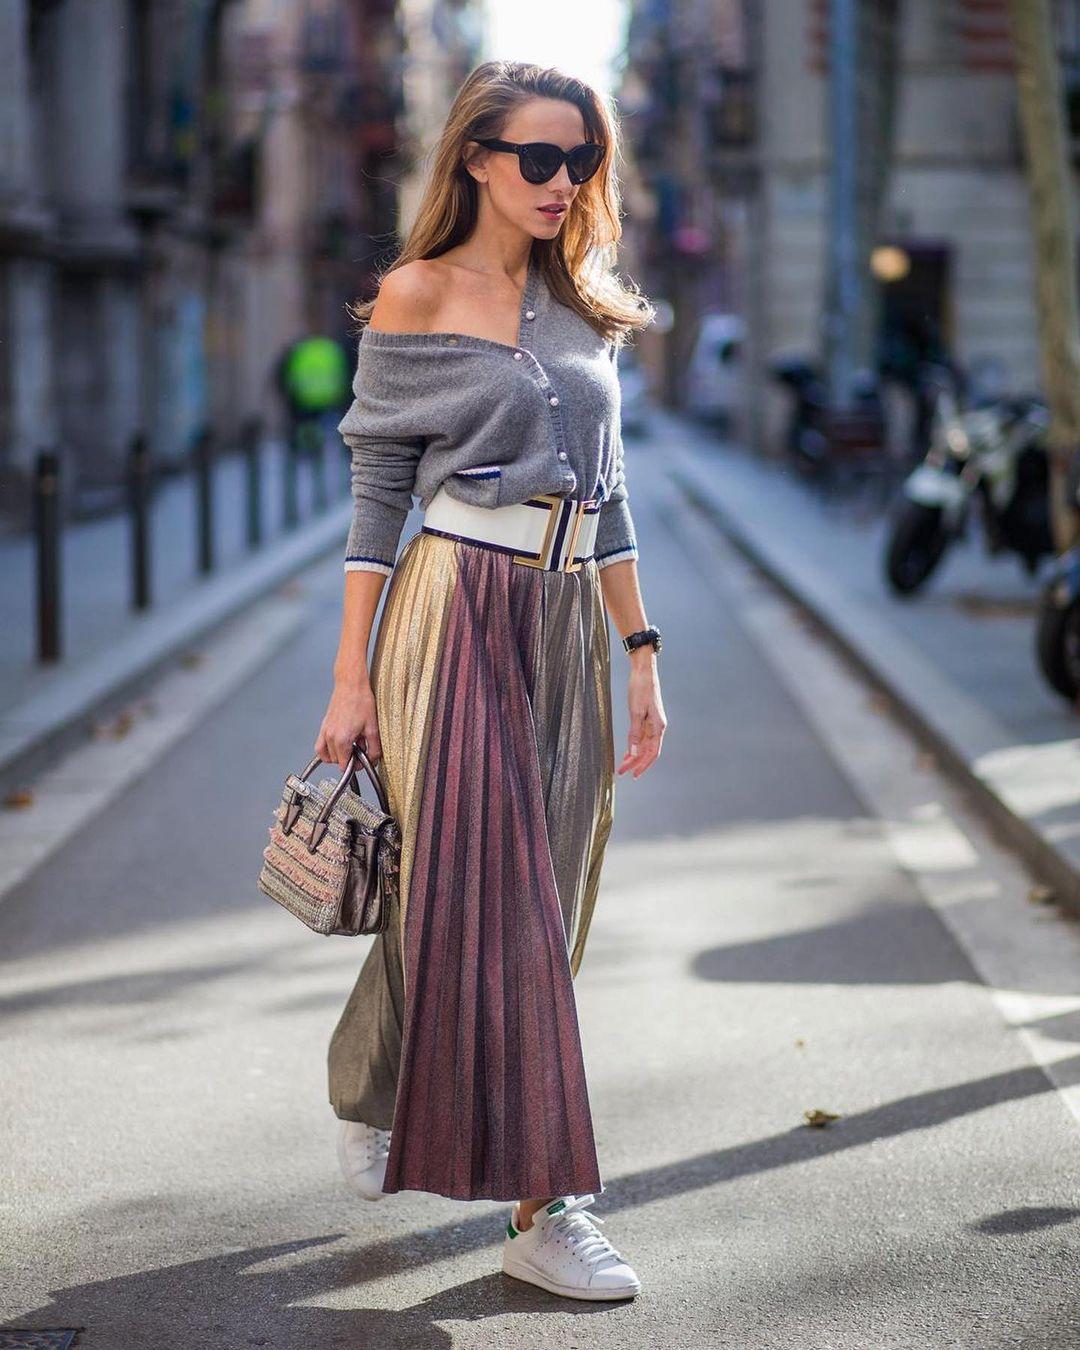 модная юбка плиссировка как стильно носить осень 2021 тренд миди  макси длинная